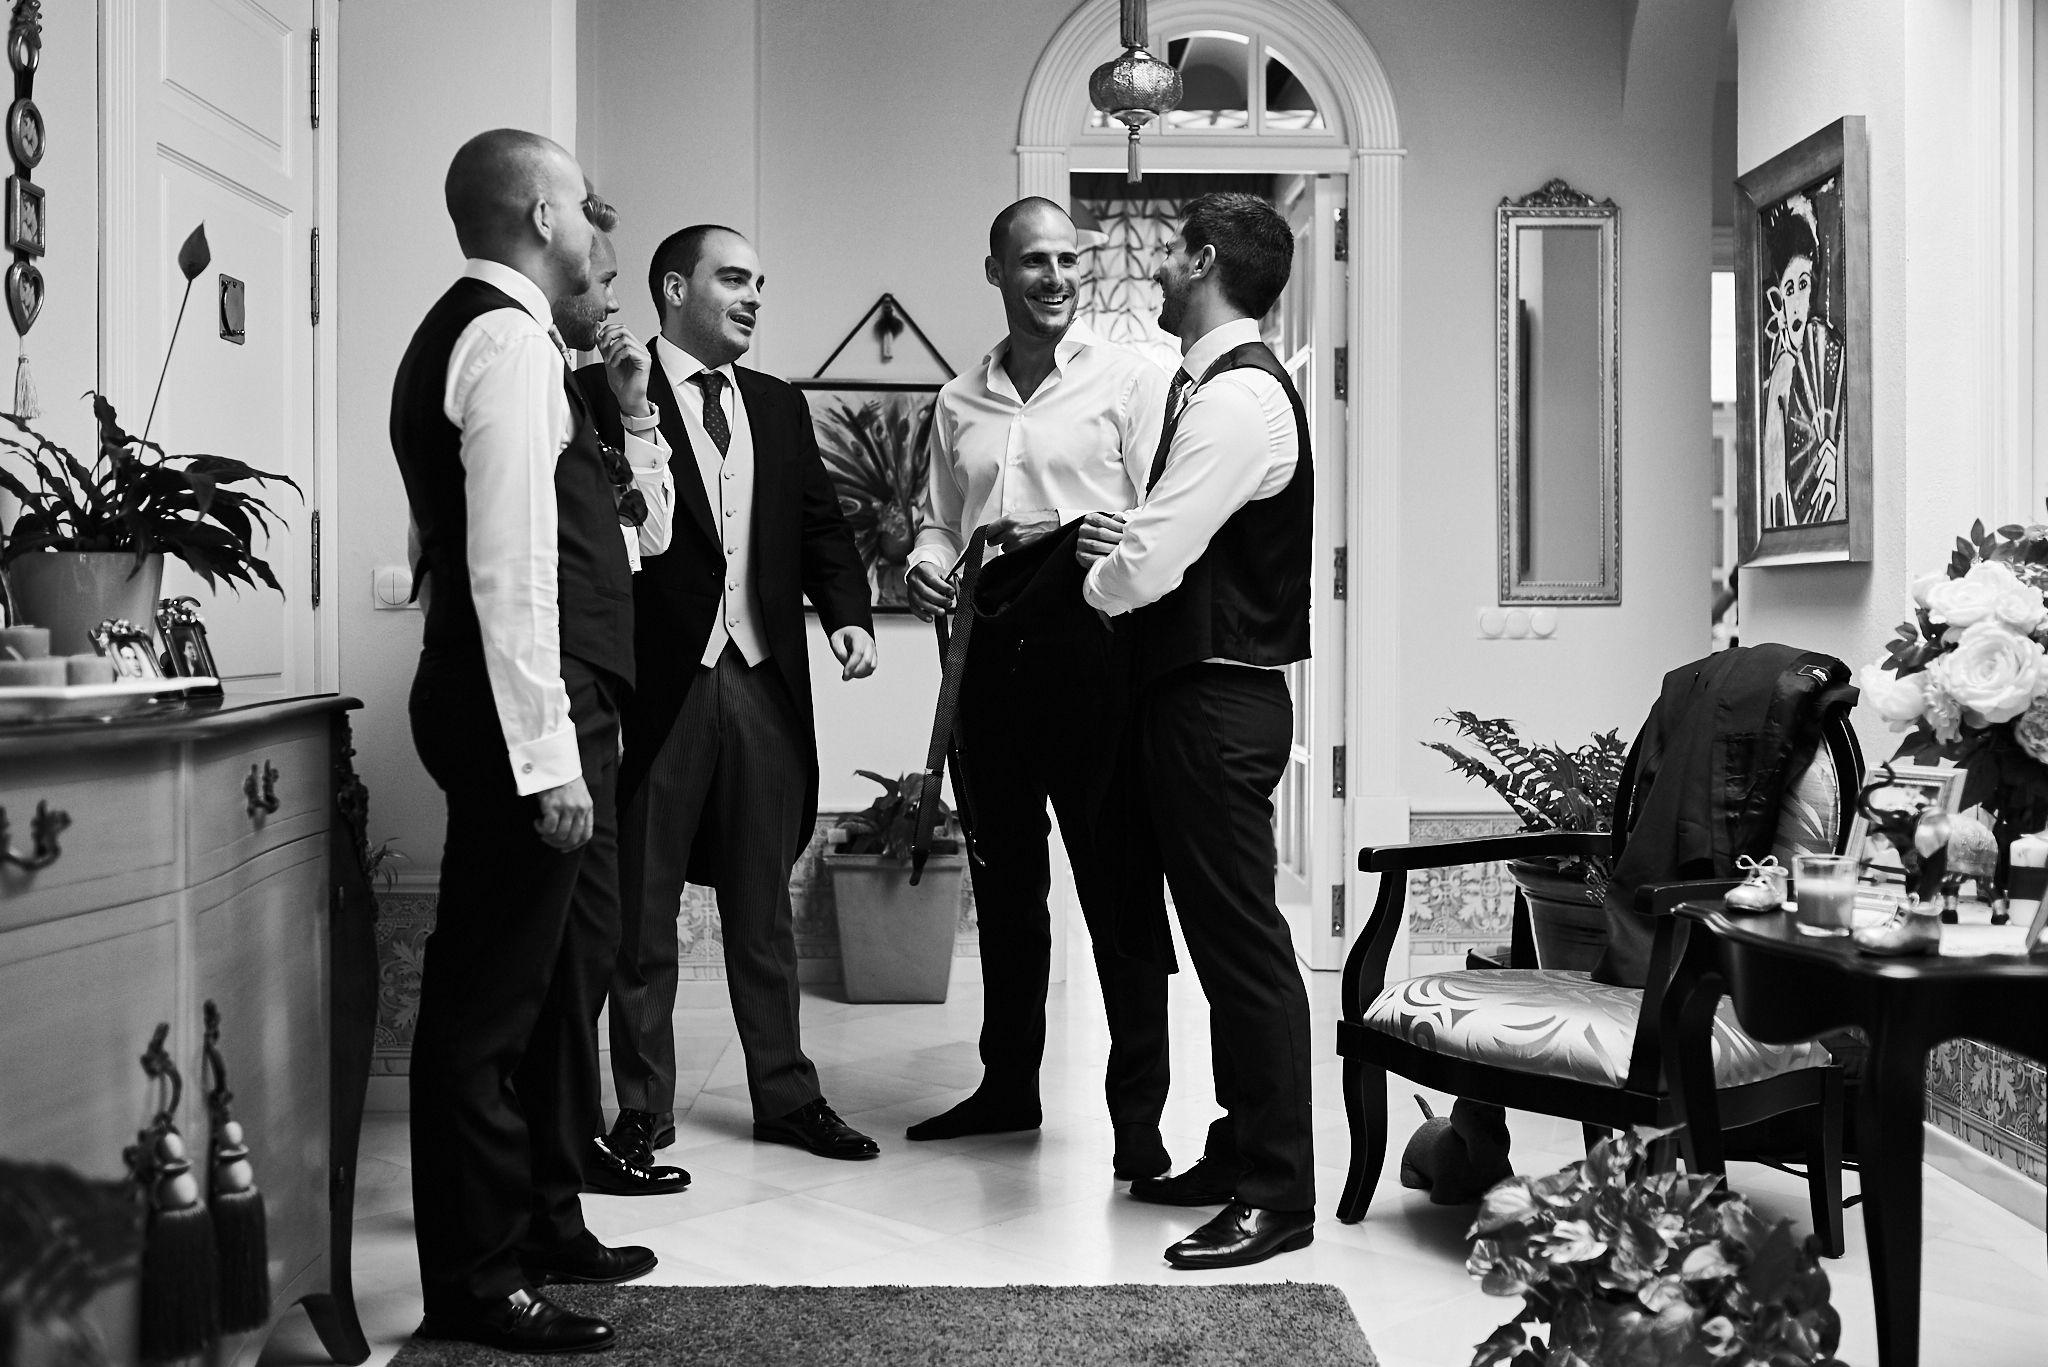 La-22Destination-Wedding22-en-Moguer-de-Lauren-y-JosC3A9-Antonio-JoseAntonio-alejandromarmol0574.jpg